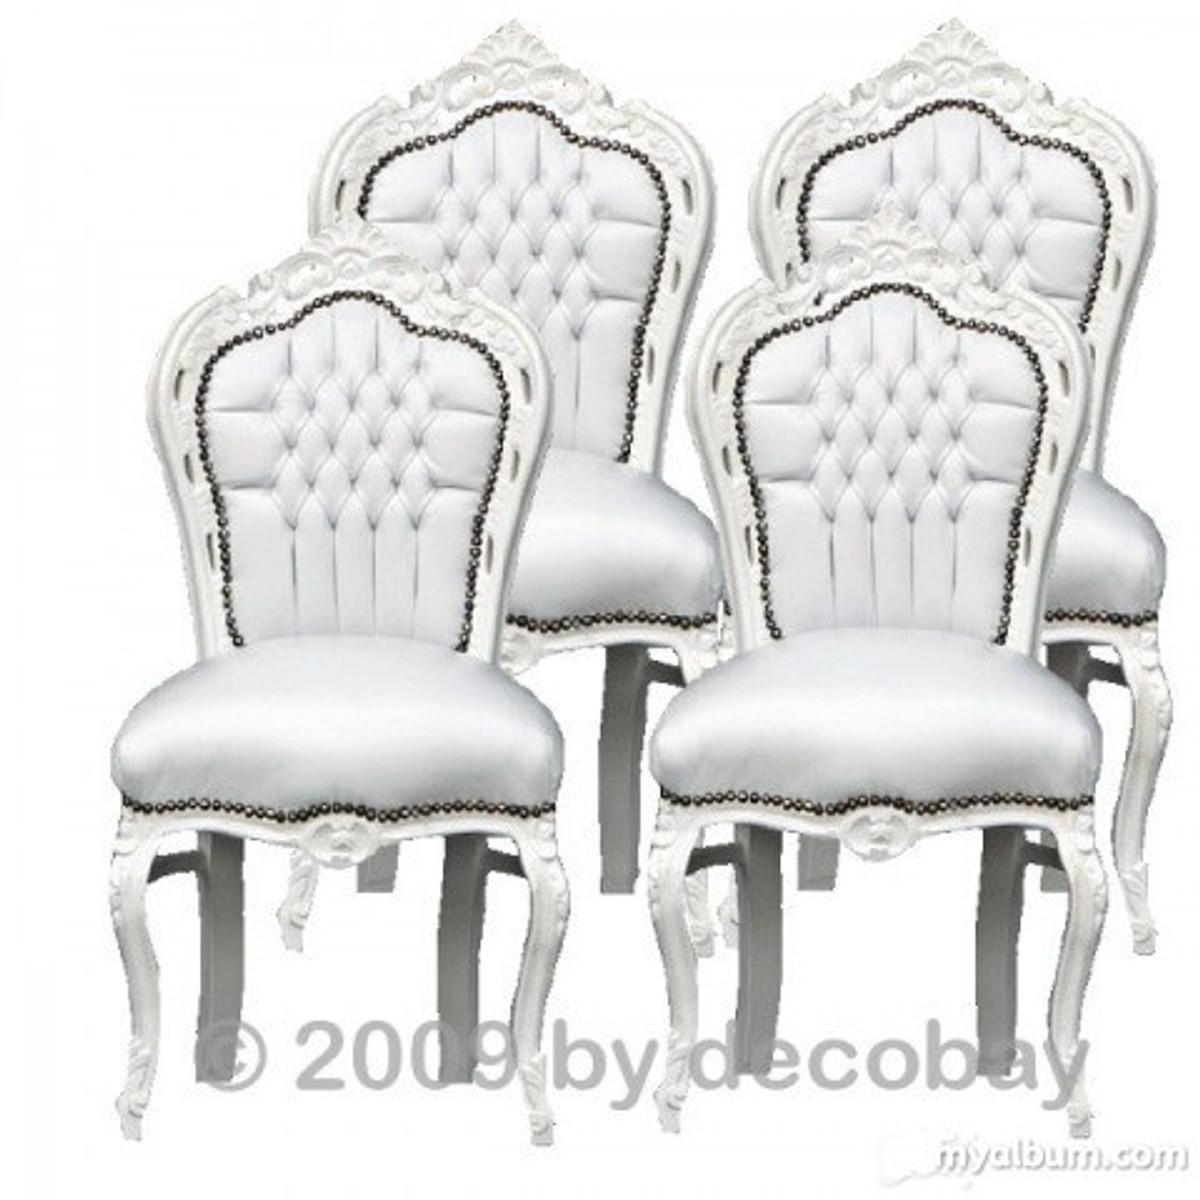 [Paket] Esszimmerstühle Weiss Barockmöbel Antik Stil Sitzgruppe 4 Barock  Stühle Set Weiß